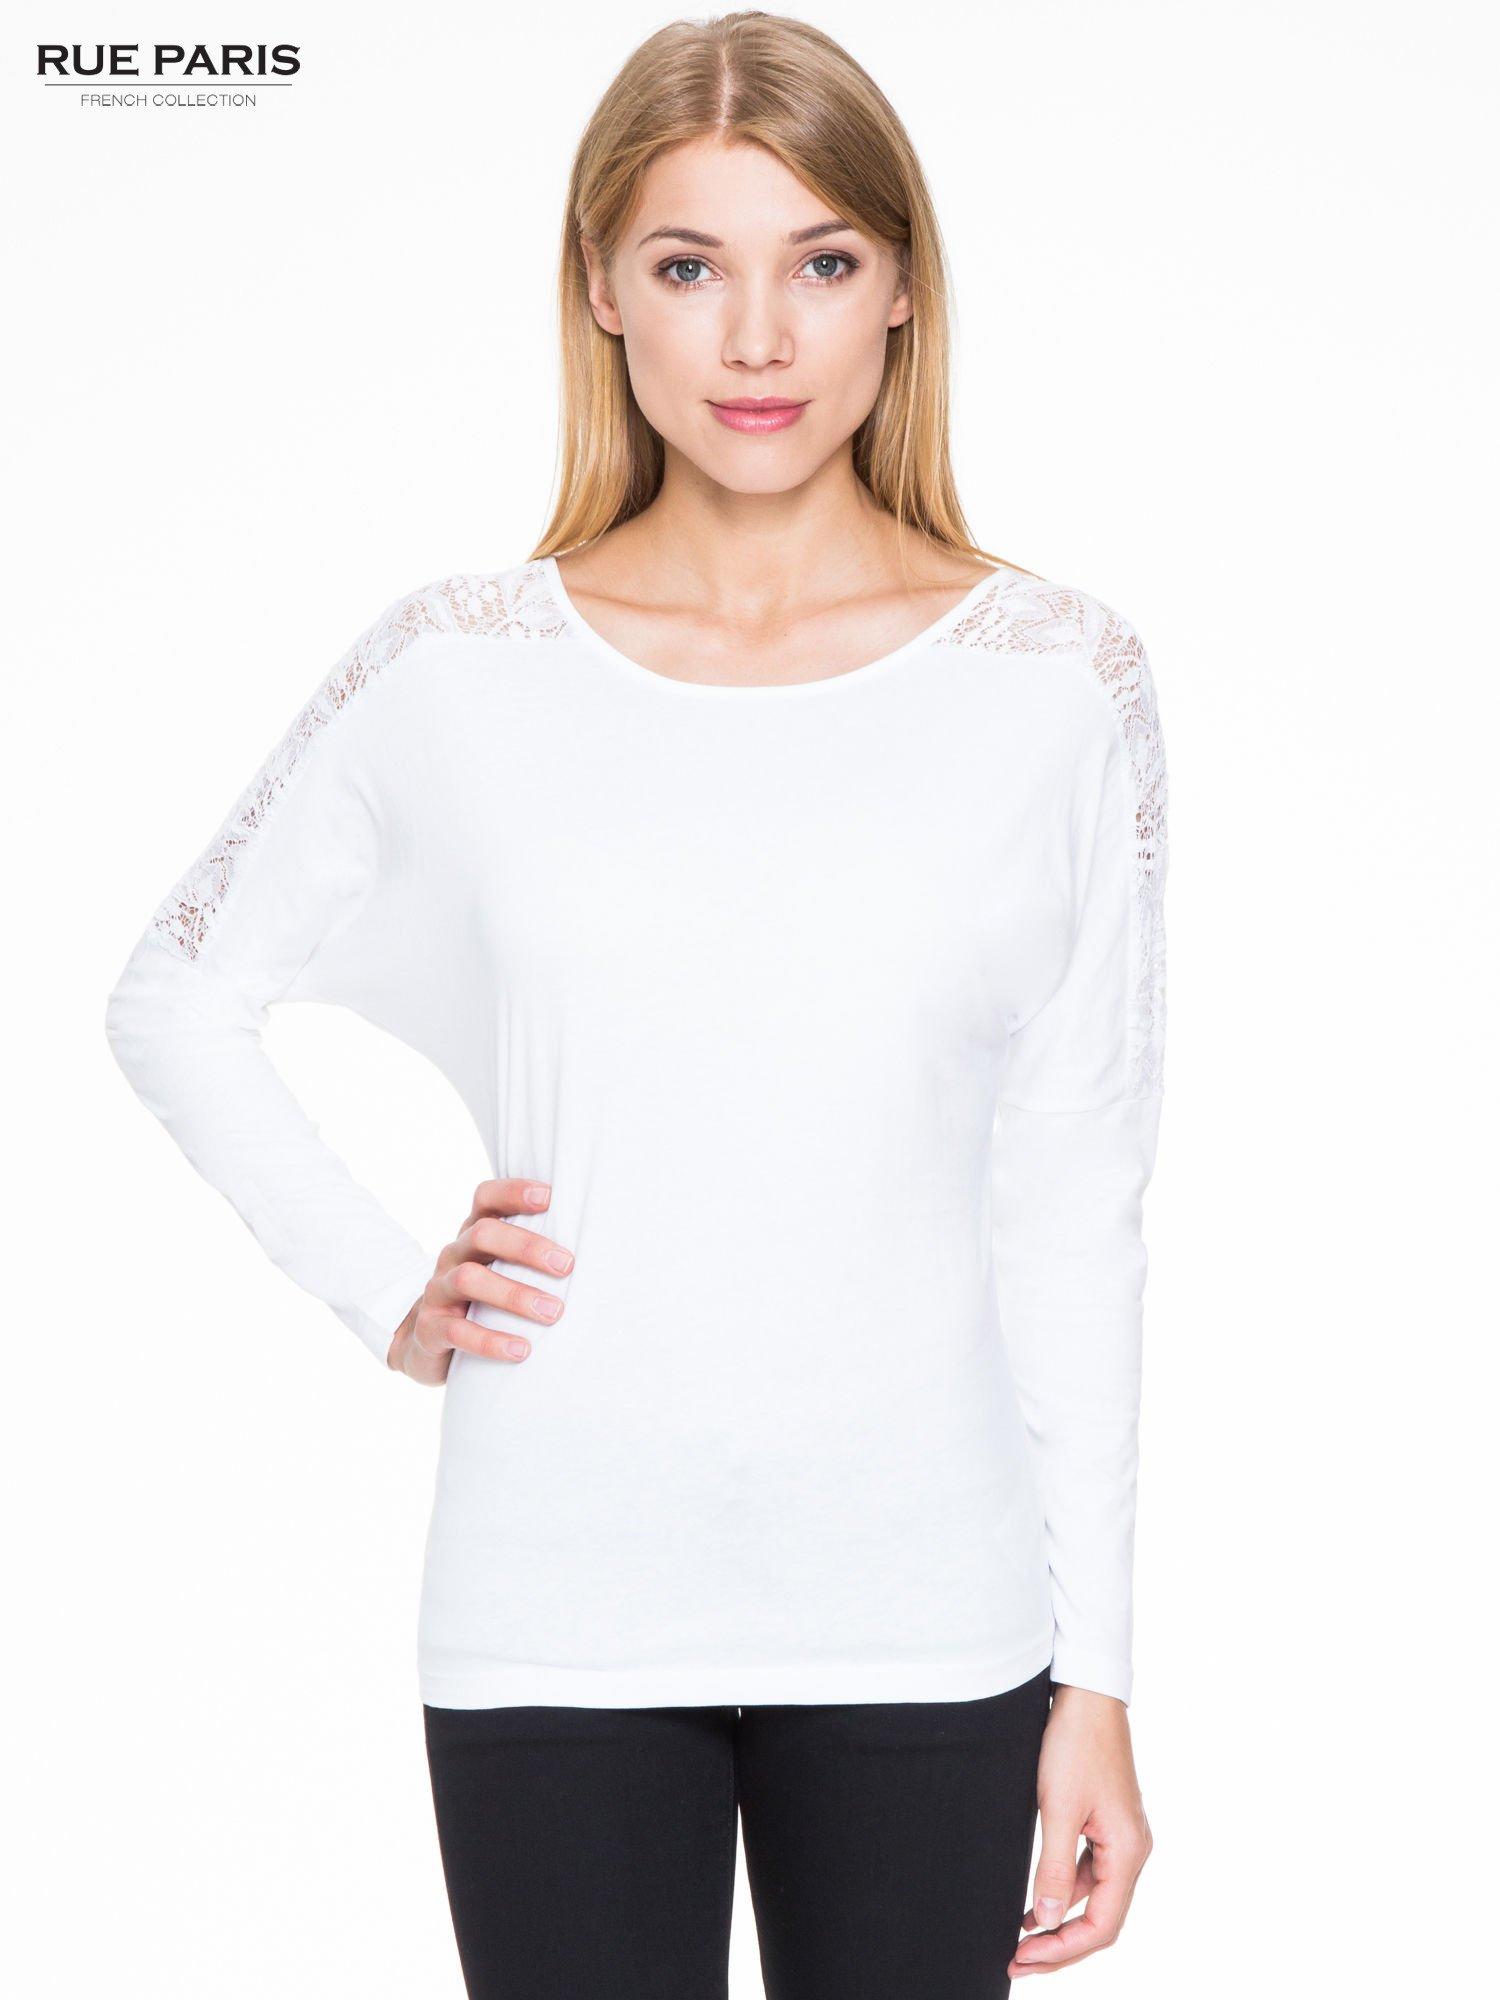 Biała bluzka z koronkową wstawką na rękawach i z tyłu                                  zdj.                                  1